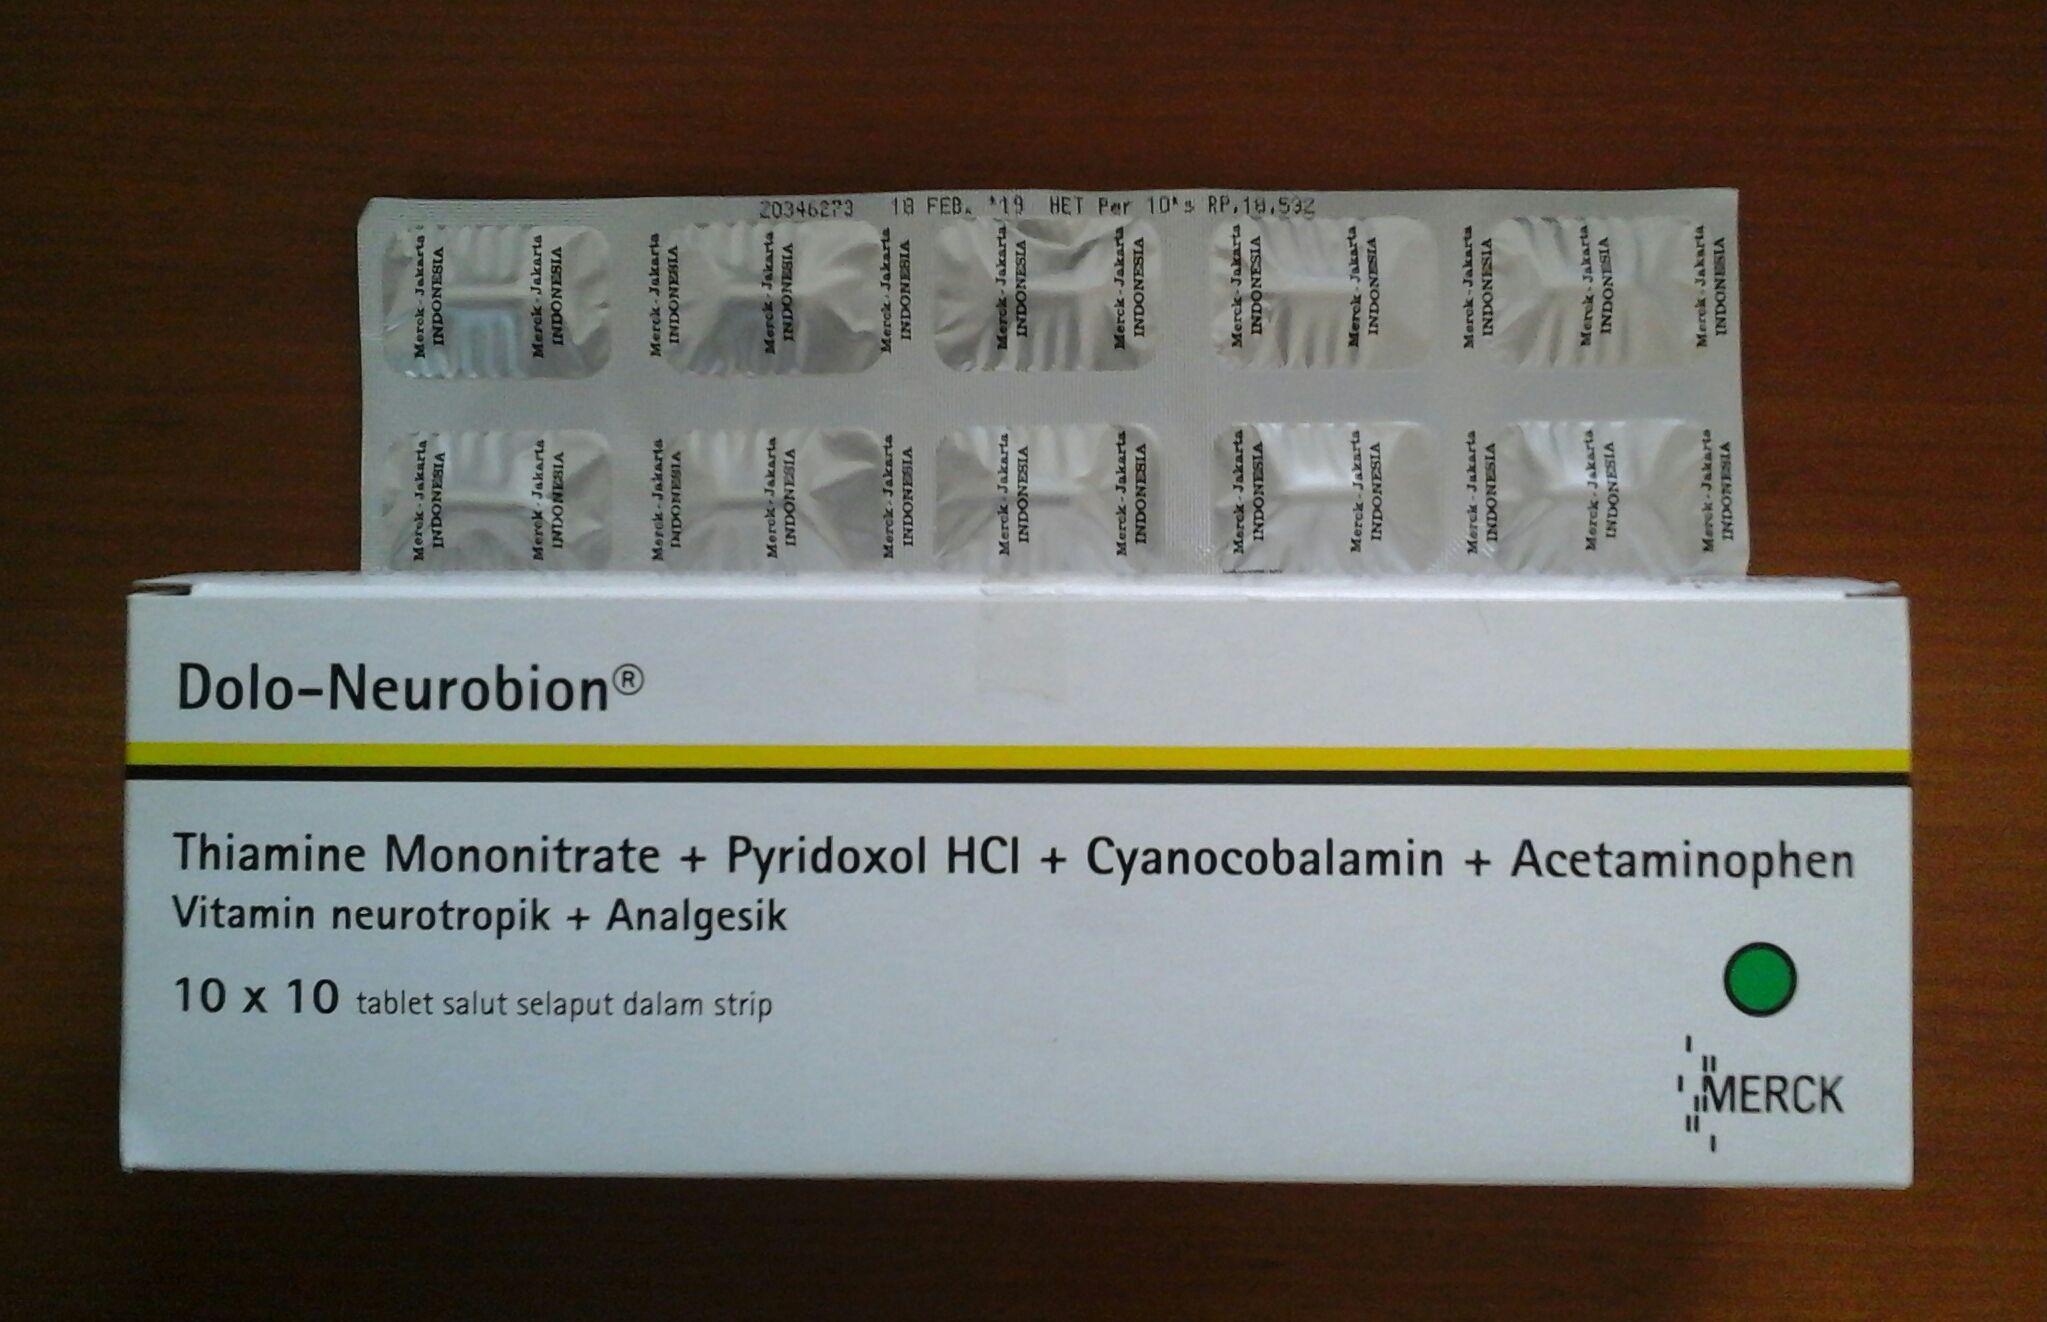 Obat Dolo-Neurobion | Vitamin Neurotropik dan Analgesik